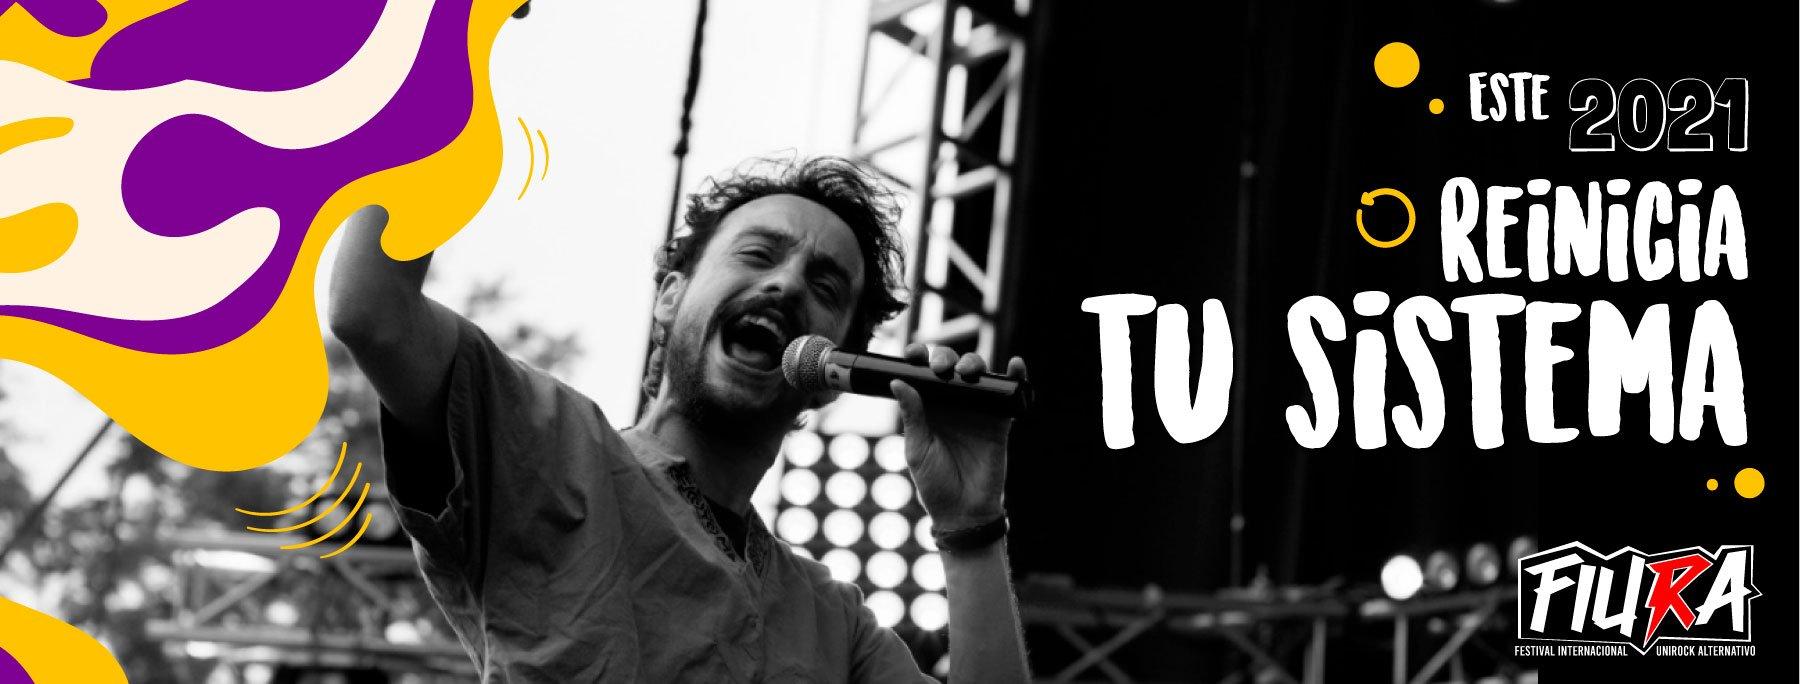 Festival Internacional Unirock Alternativo Todo listo para las audiciones del FIURA 2021 - bannerfiura2021